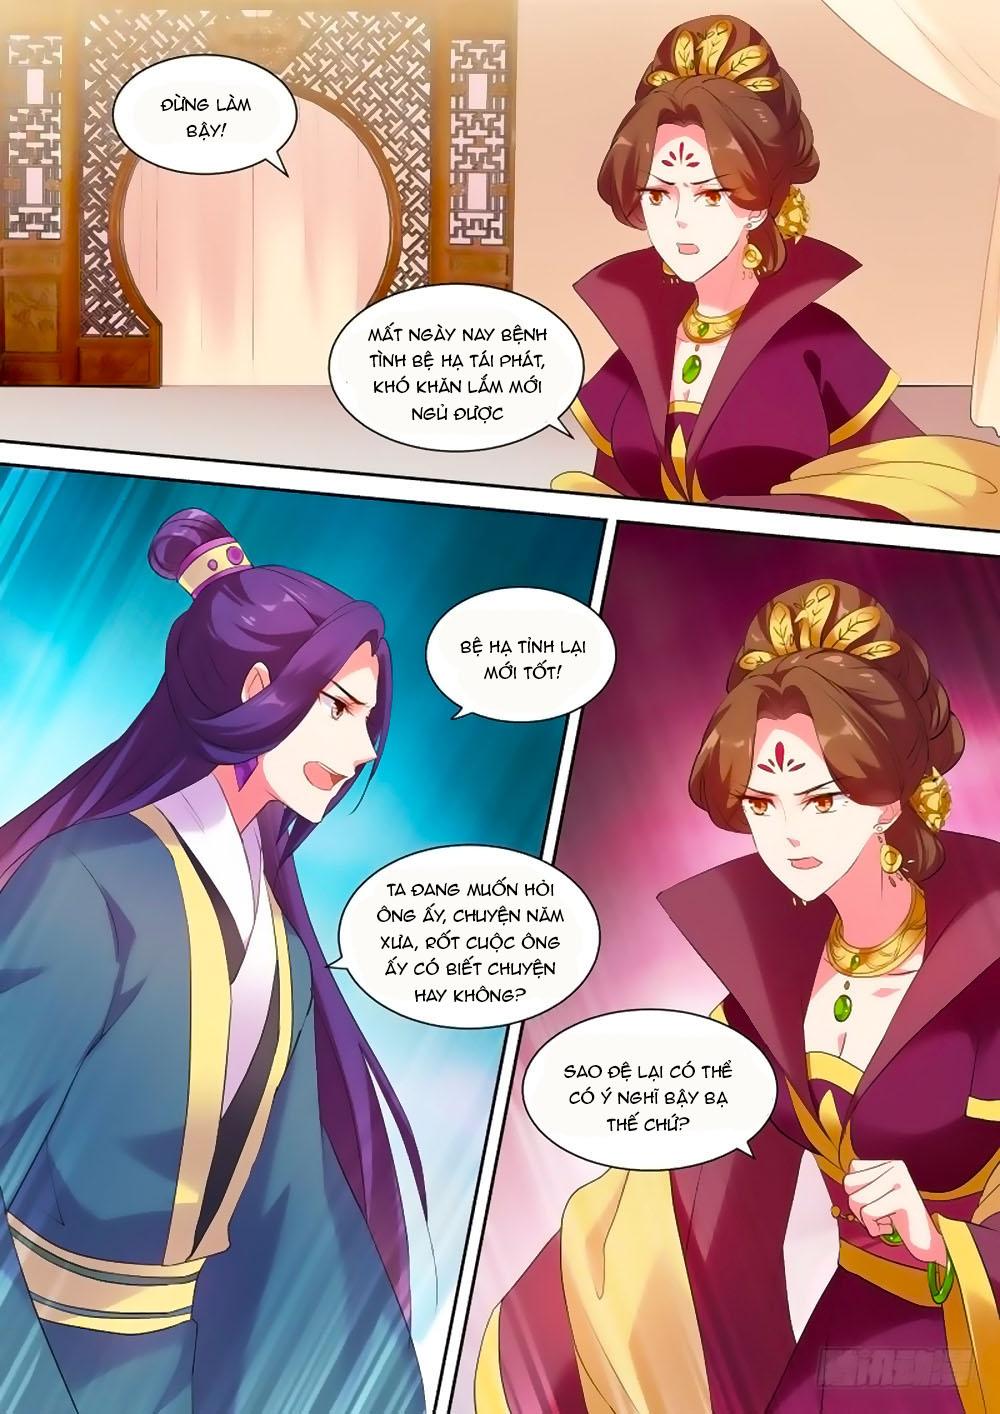 Hệ Thống Chế Tạo Nữ Thần chap 128 - Trang 4